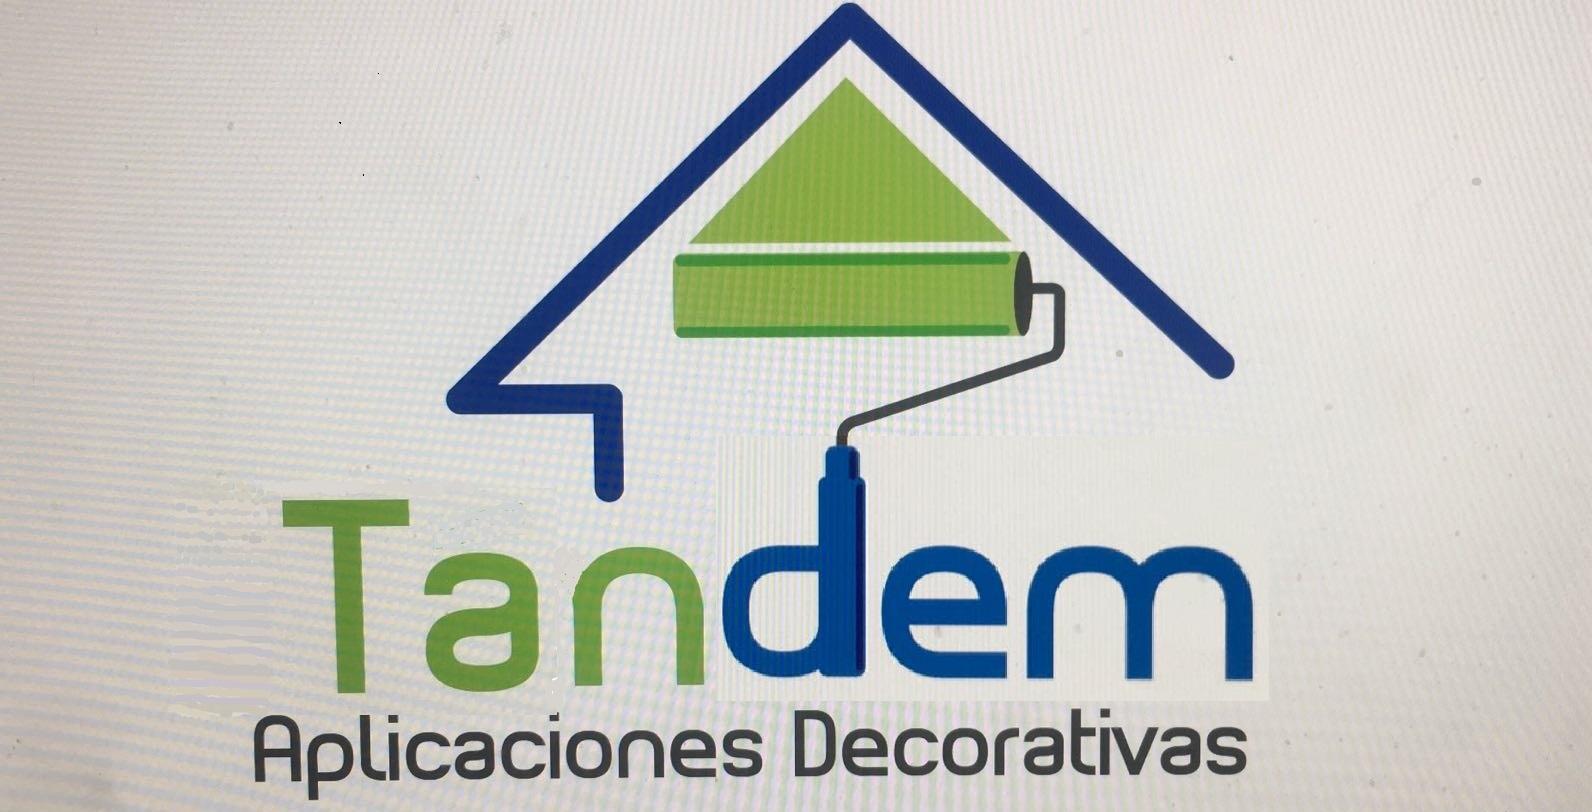 Tándem Aplicaciones decorativas